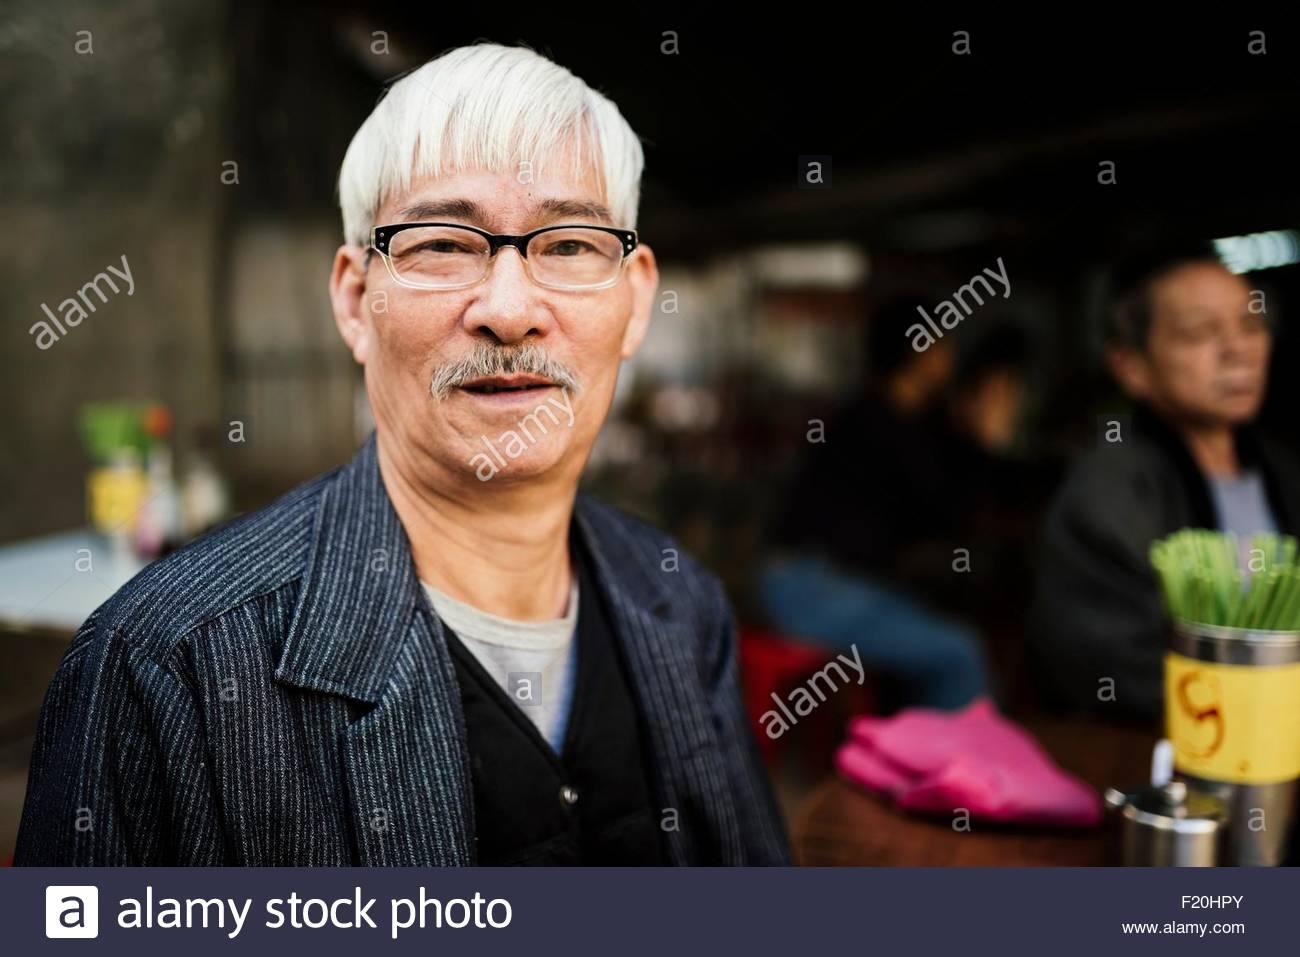 Ritratto di uomo anziano con i capelli grigi che indossano occhiali guardando la fotocamera Immagini Stock